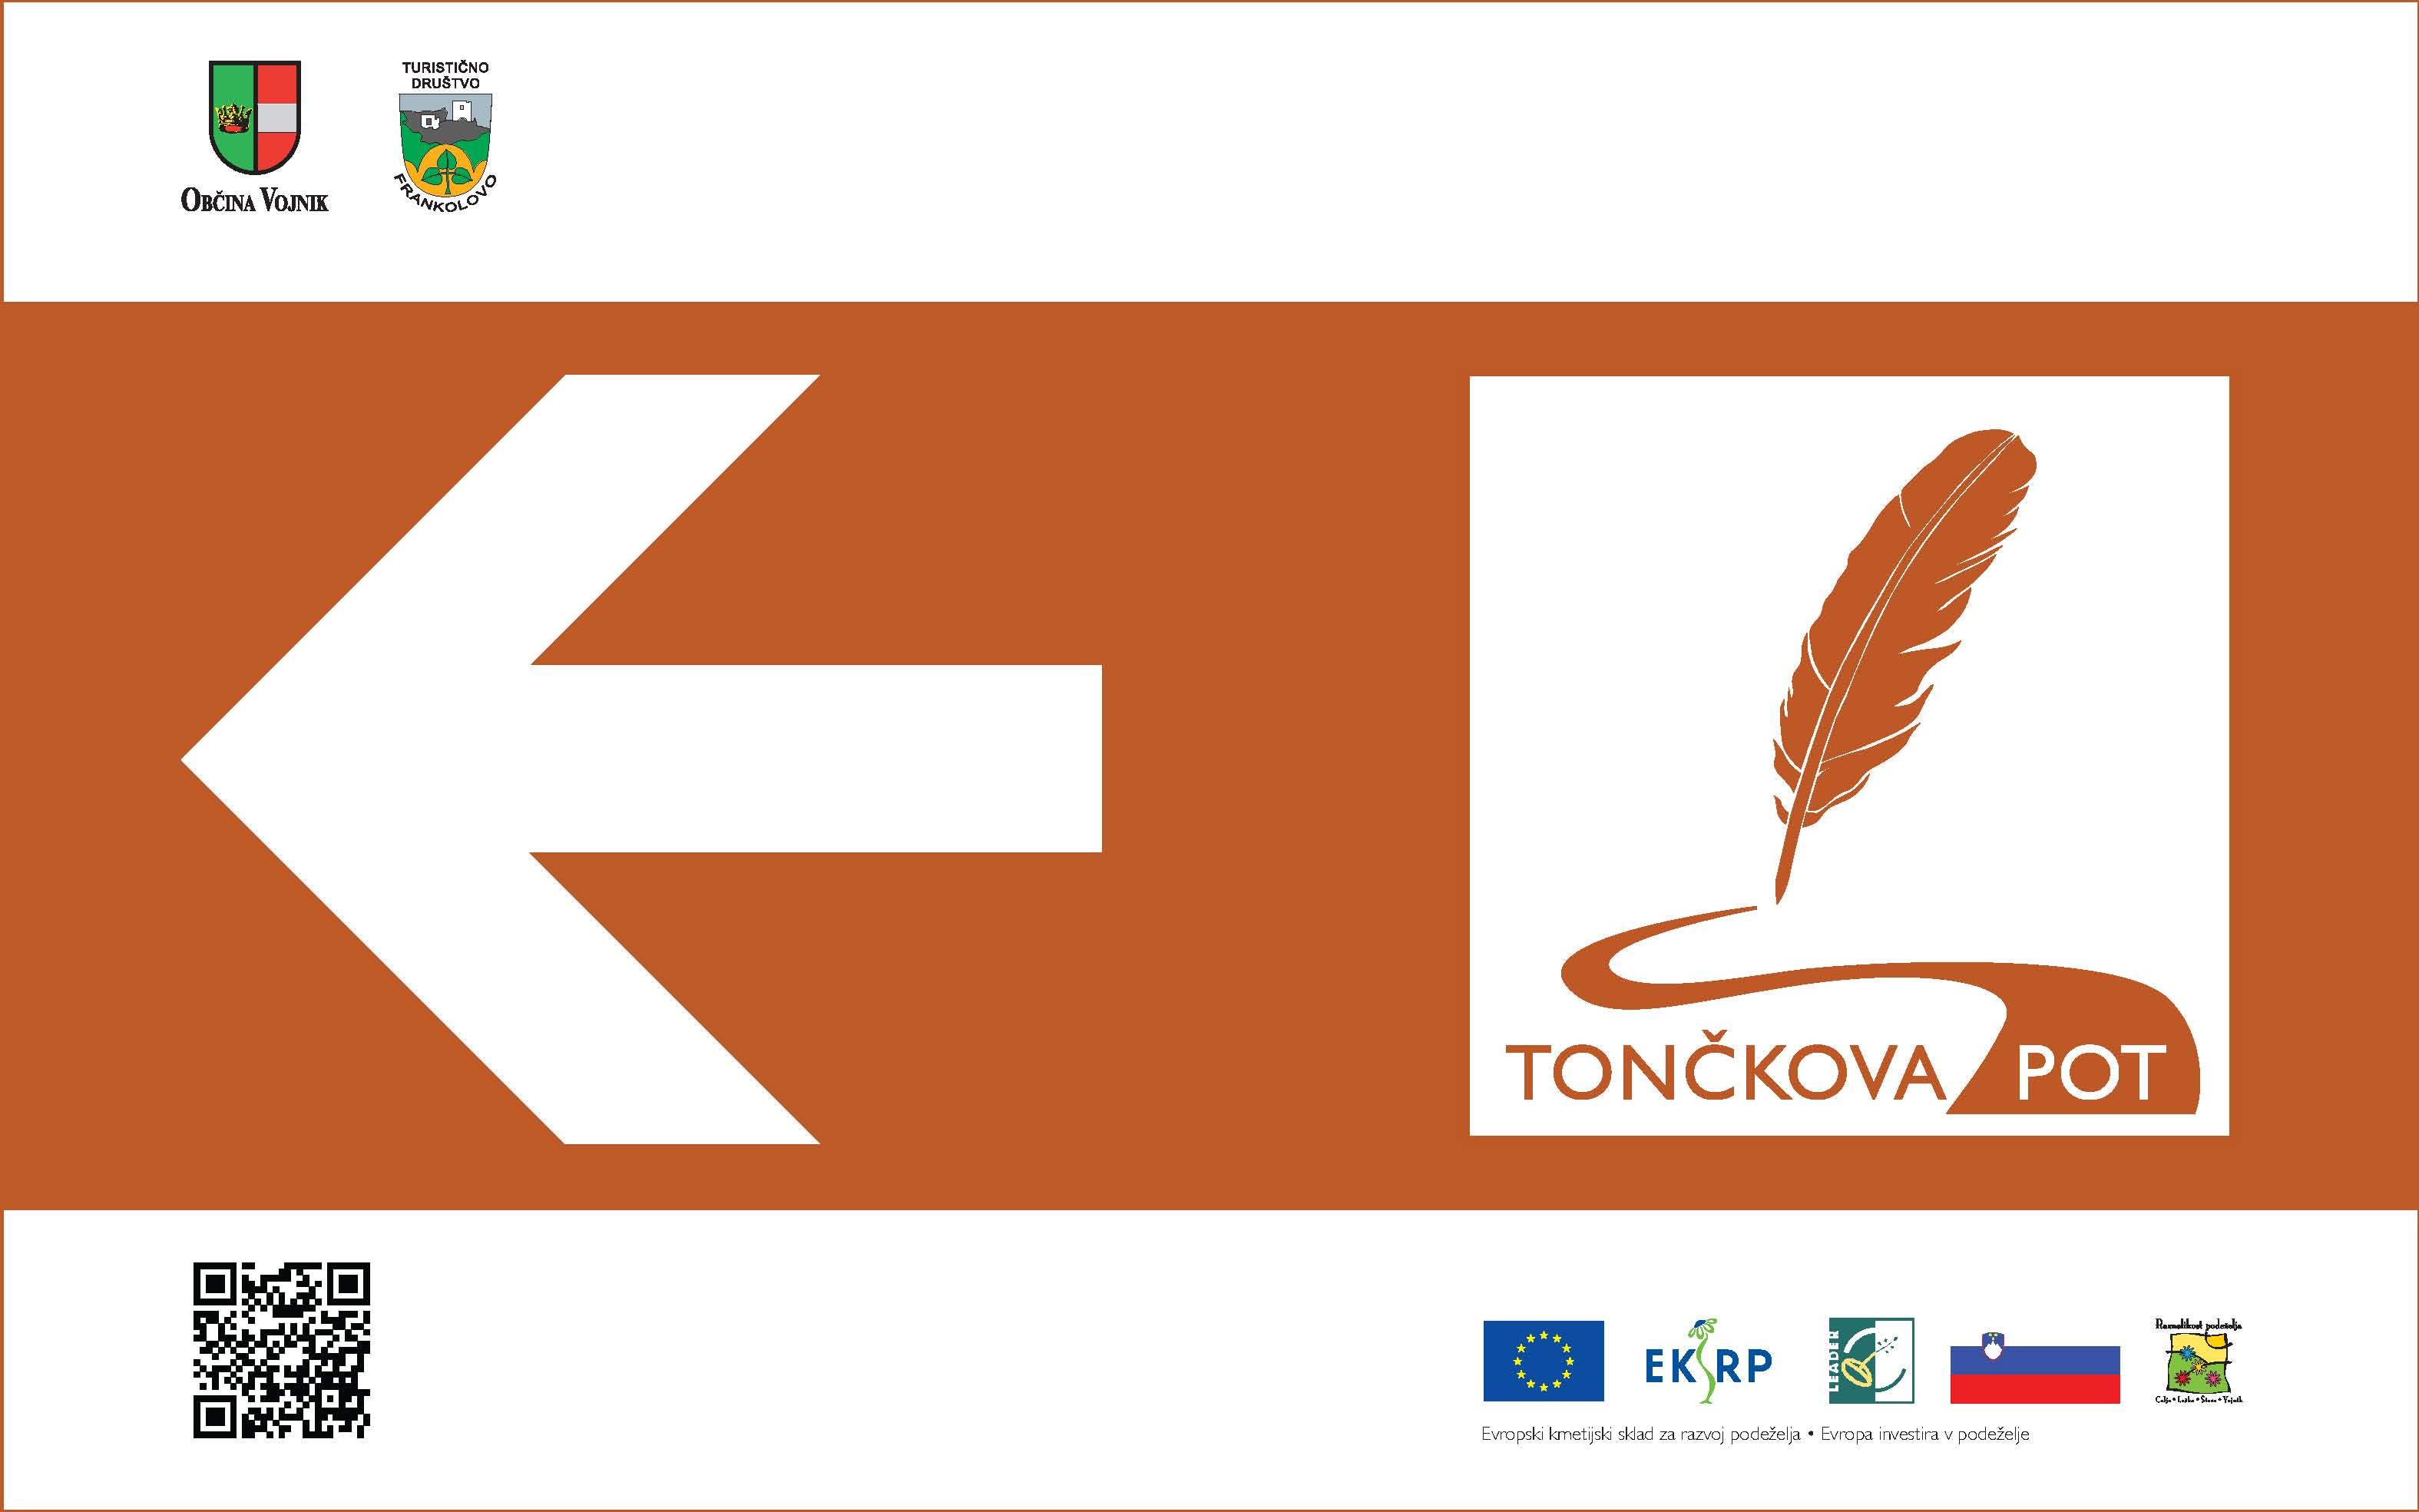 TD-FRANKOLOVO-TONCKOVA-POT-usmerjevalne-table_Page_09.jpg